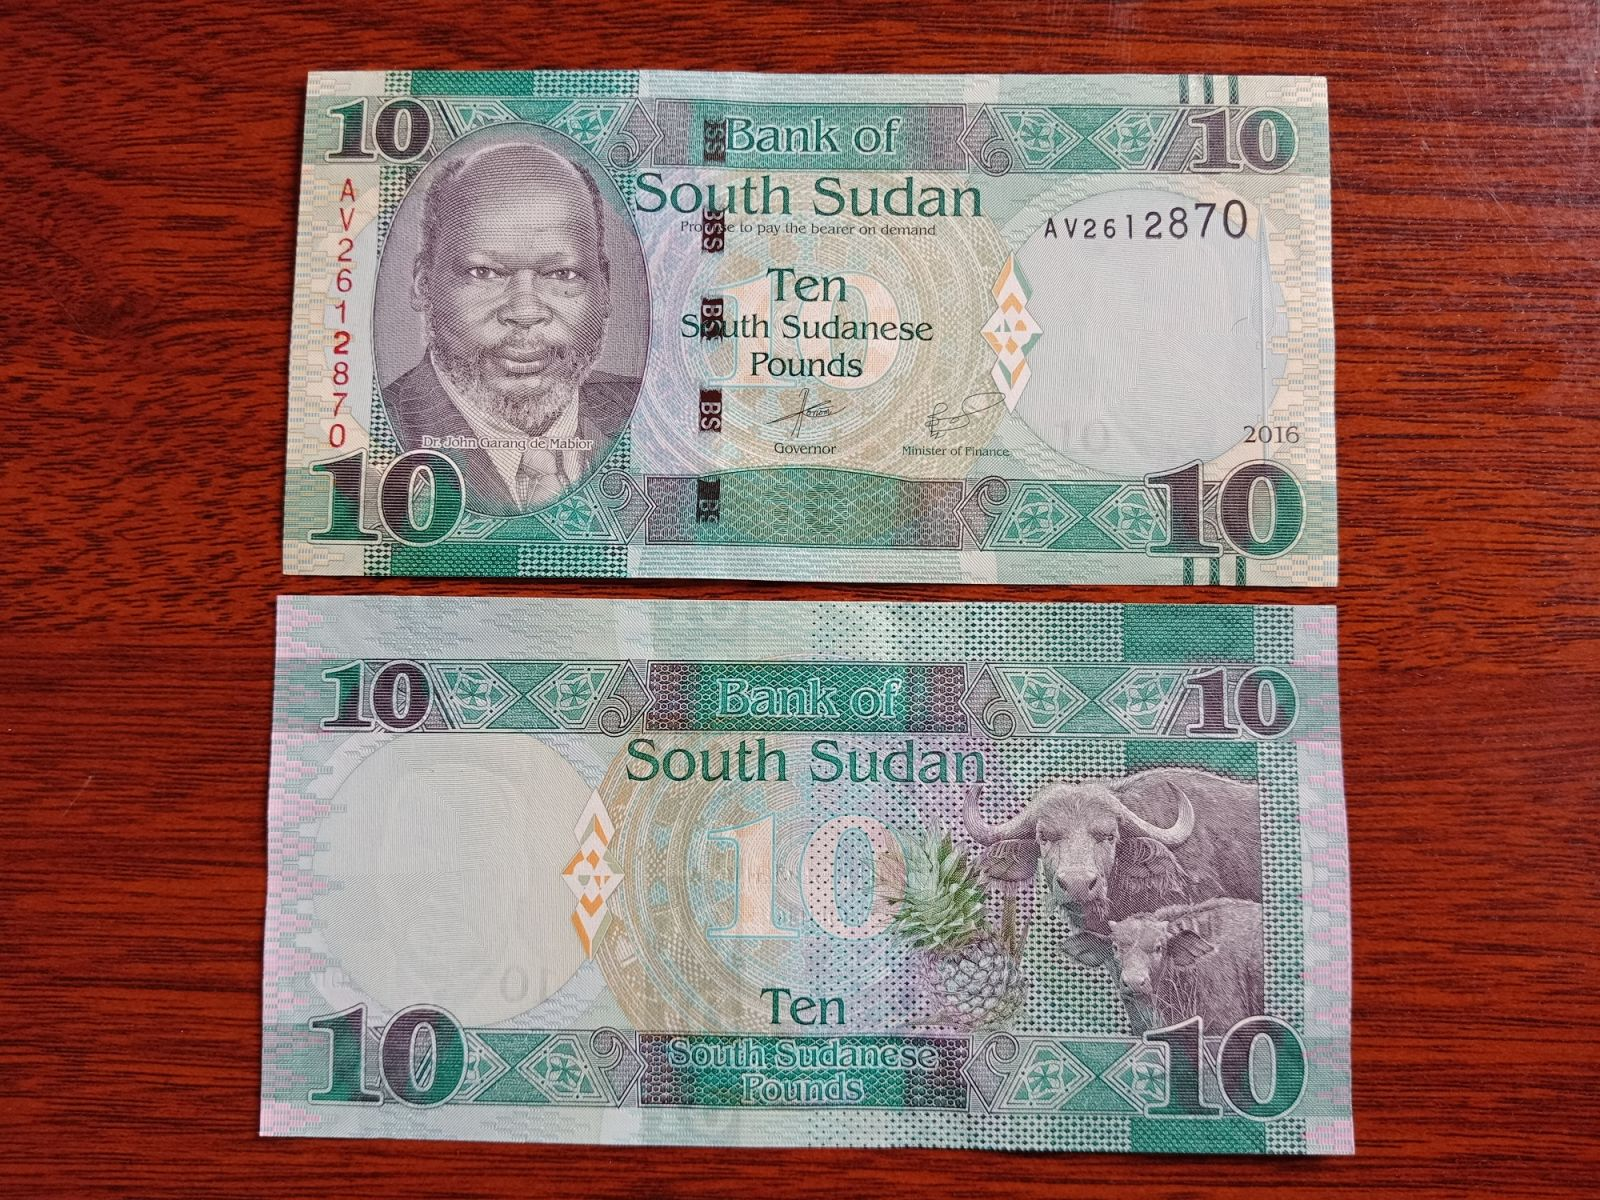 Tiền South Sudan Hình Con Trâu - Lì Xì Người Tuổi Sửu